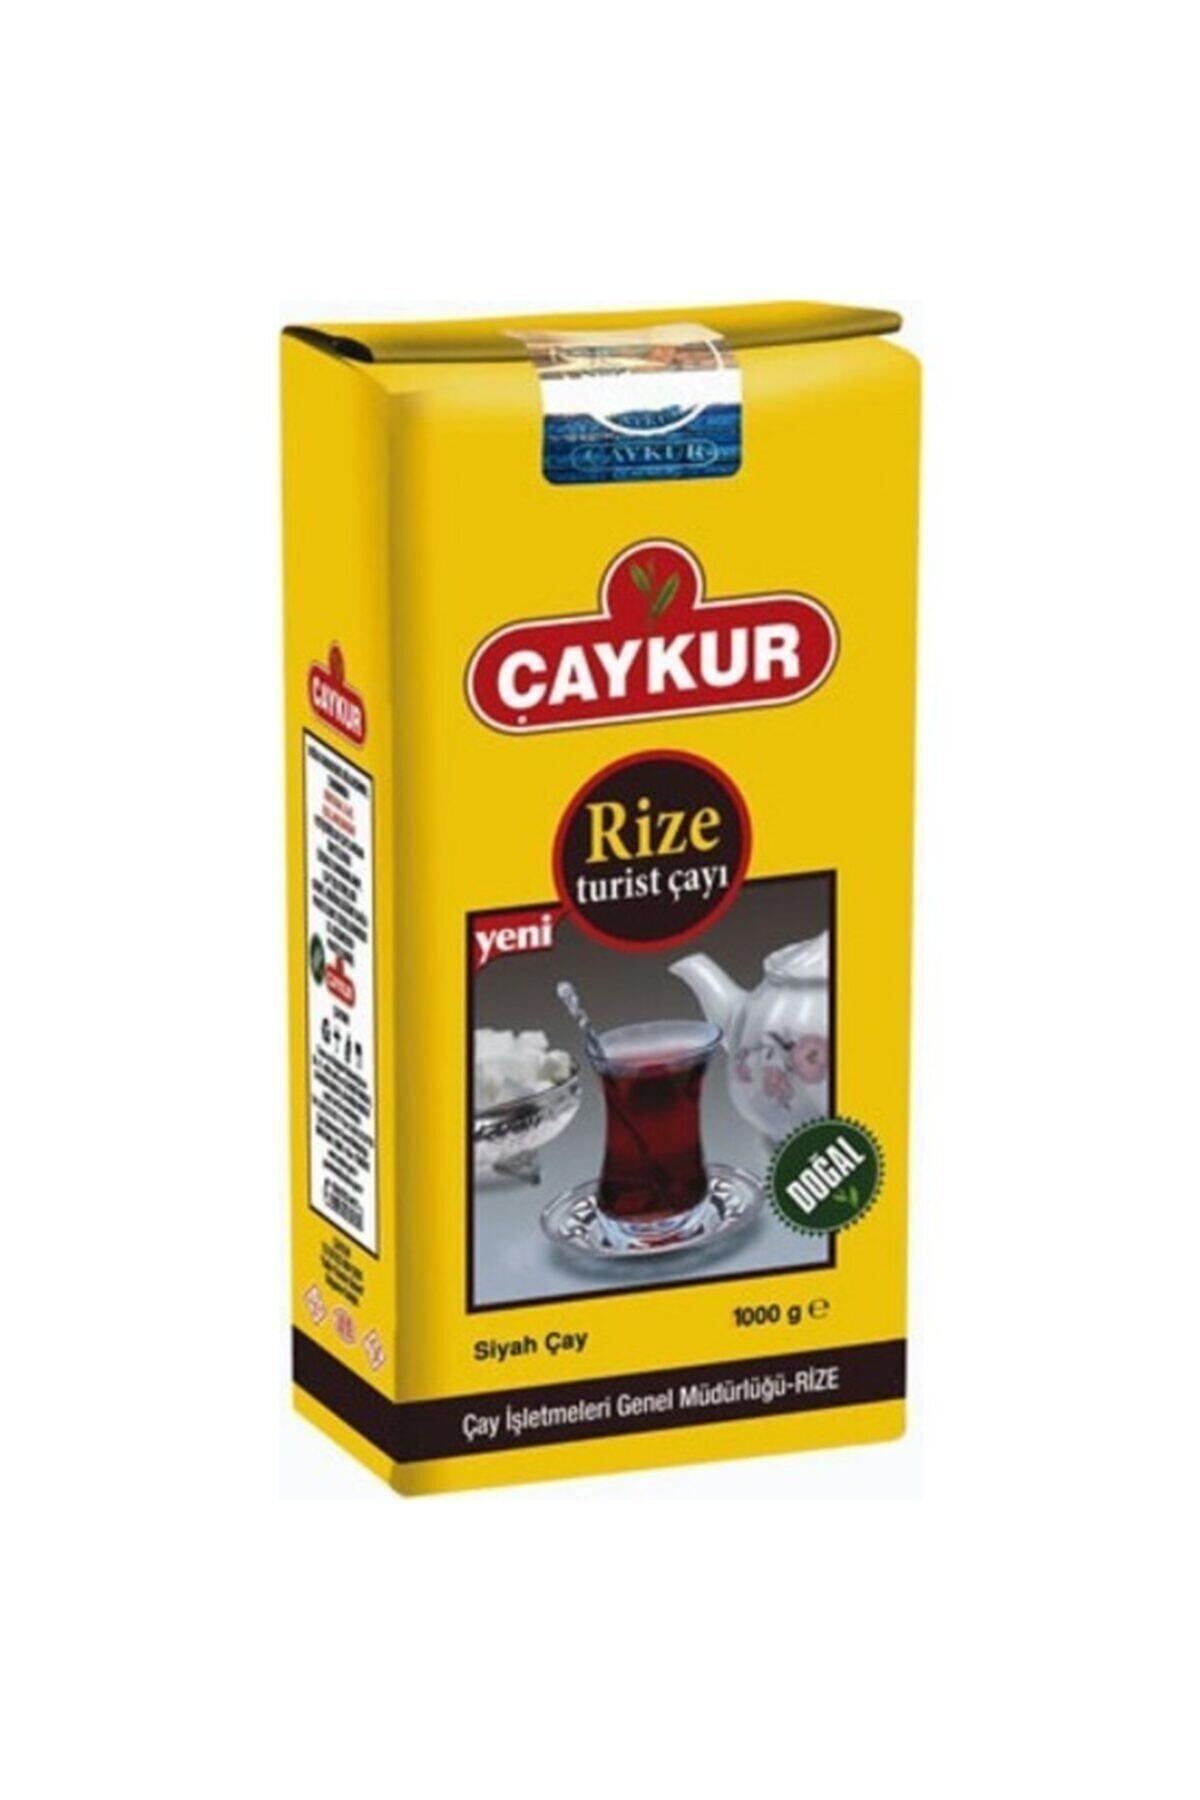 Çaykur Rize Turist Çay 1000gr 1